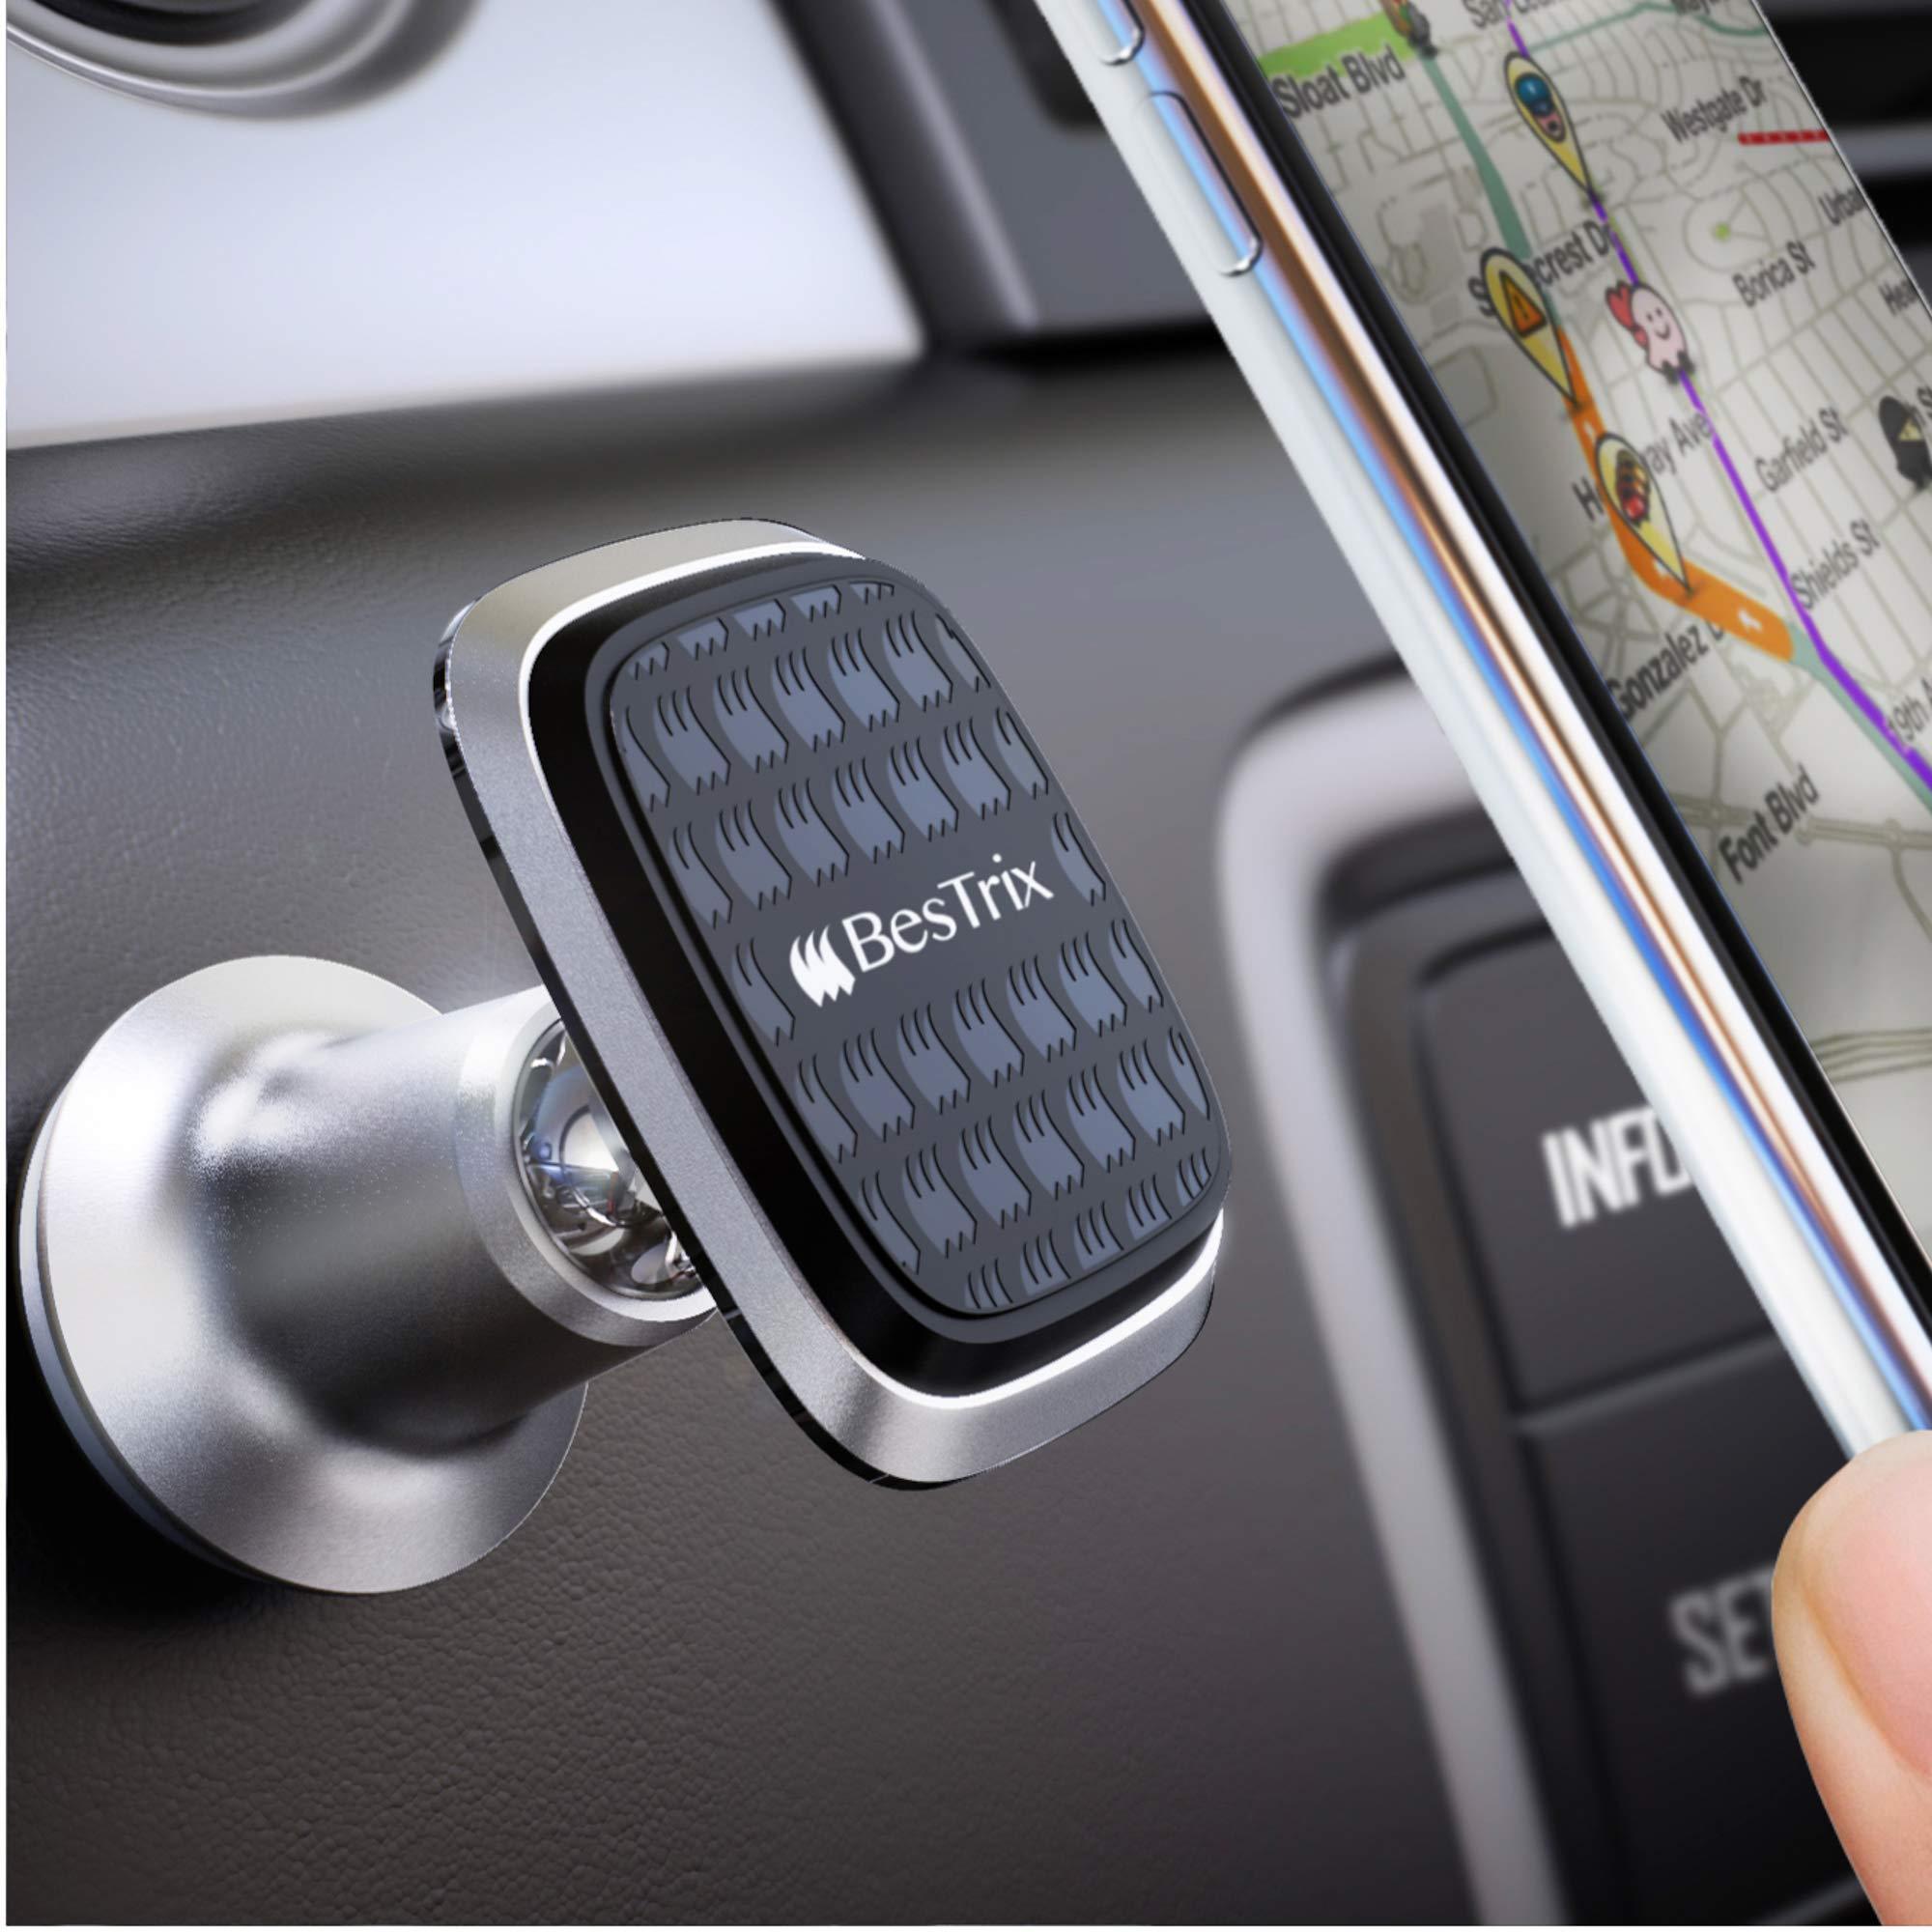 Soporte Celular para Autos Magnetico BESTRIX - 7GX3Q8V9